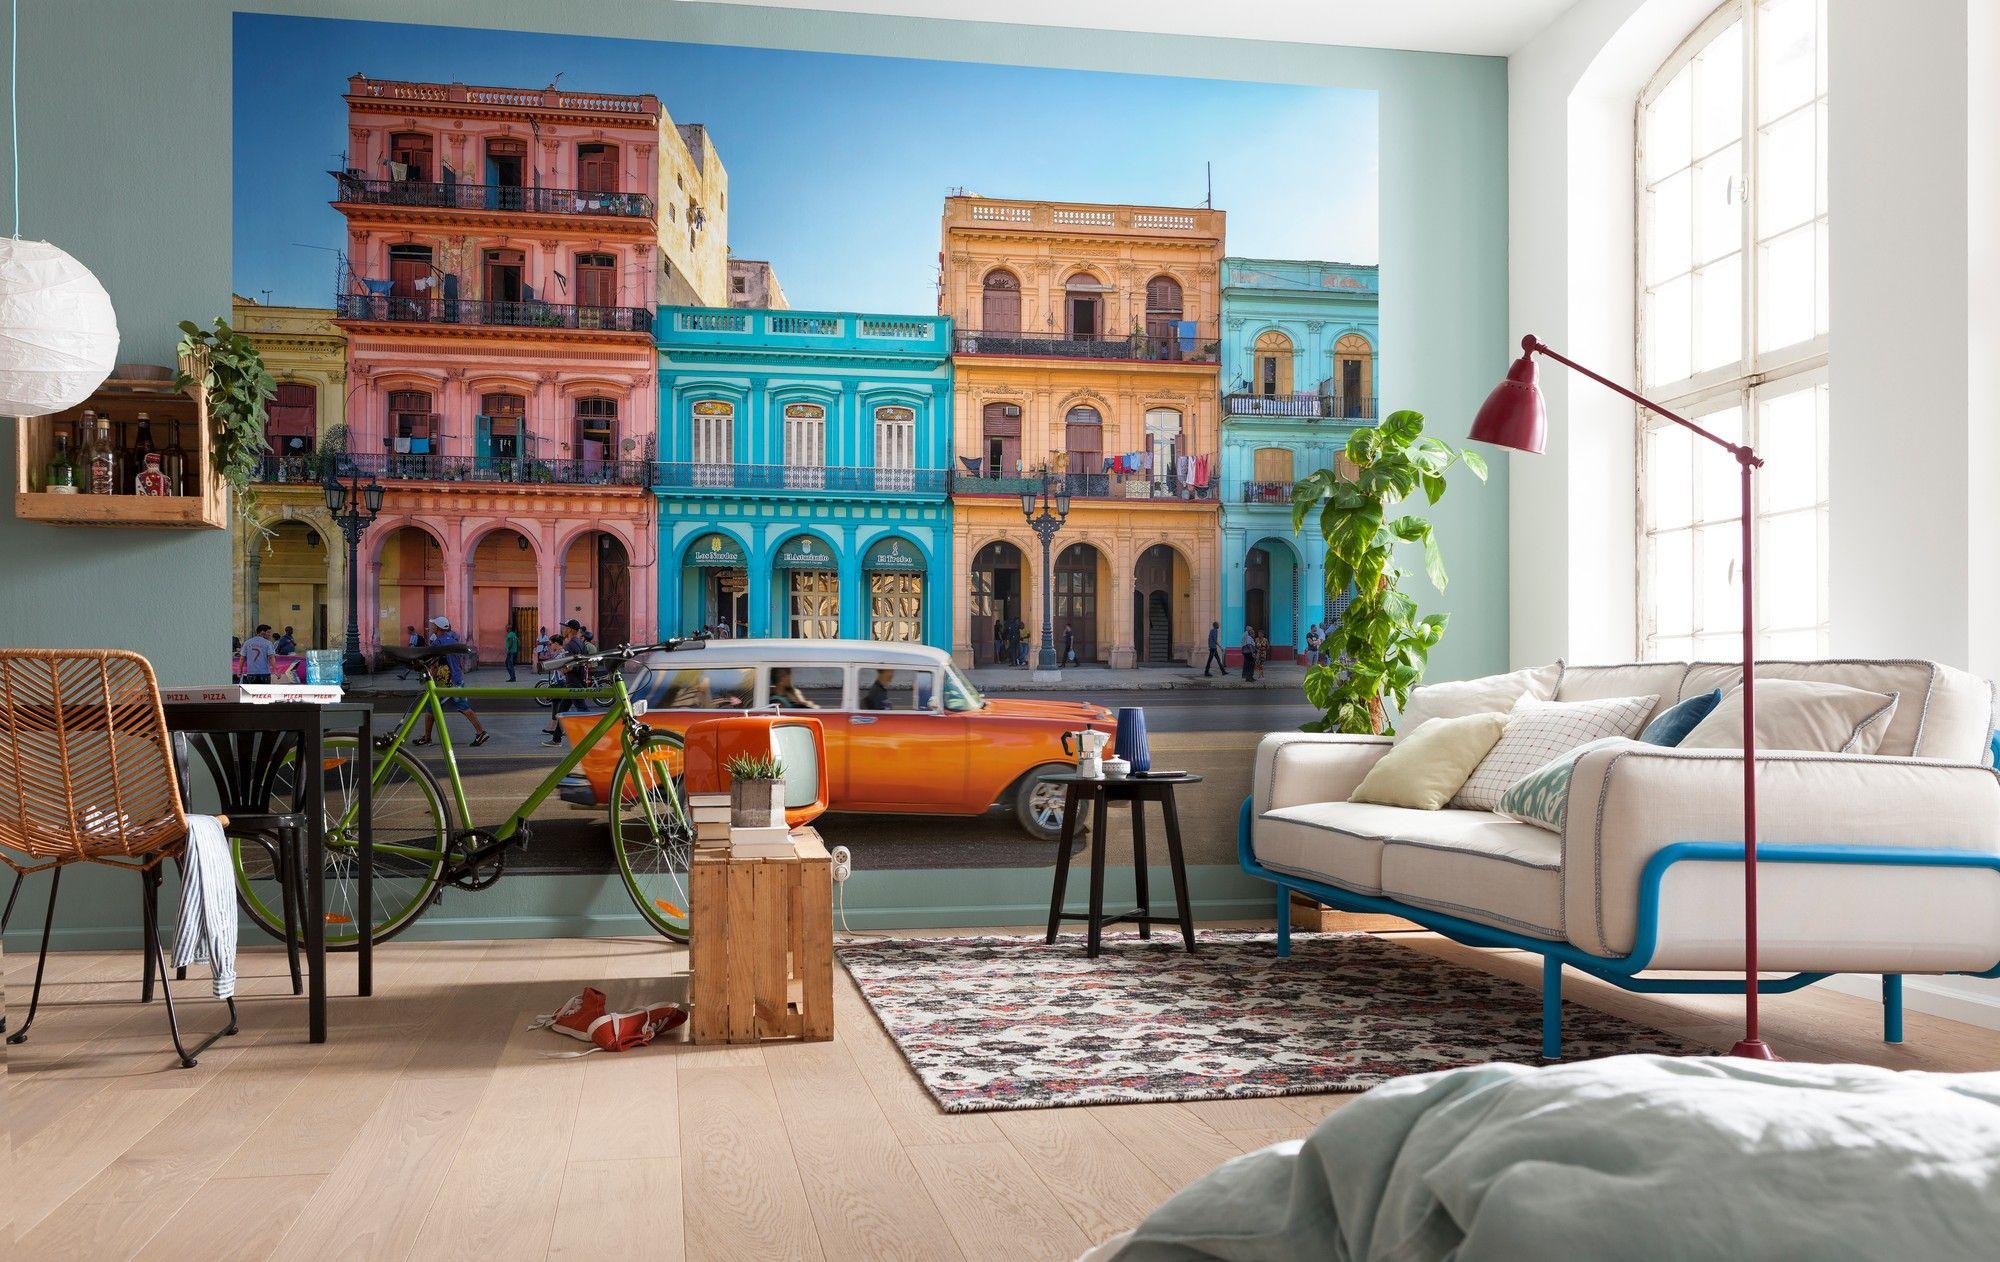 Häuserfassaden Modern bunte häuserfassaden und historische oldtimer in der hauptstadt